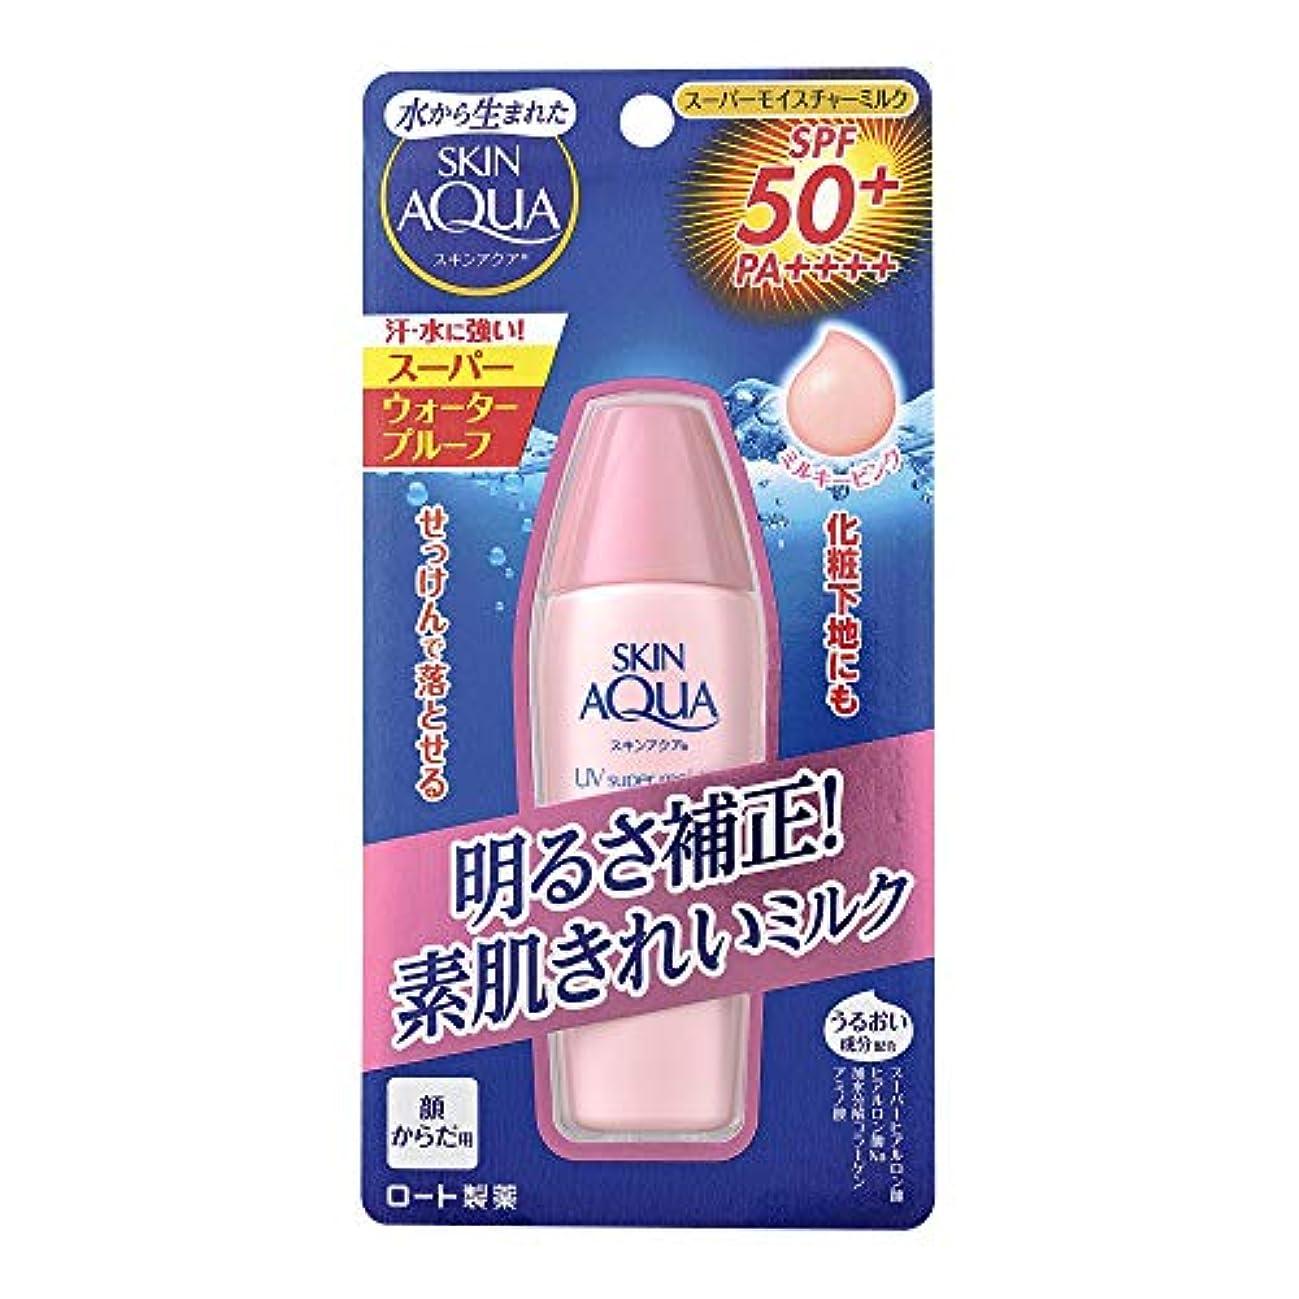 教養がある出演者音スキンアクア (SKIN AQUA) 日焼け止め スーパーモイスチャーミルク 潤い成分4種配合 水感ミルク ミルキーピンク (SPF50 PA++++) 40mL ※スーパーウォータープルーフ